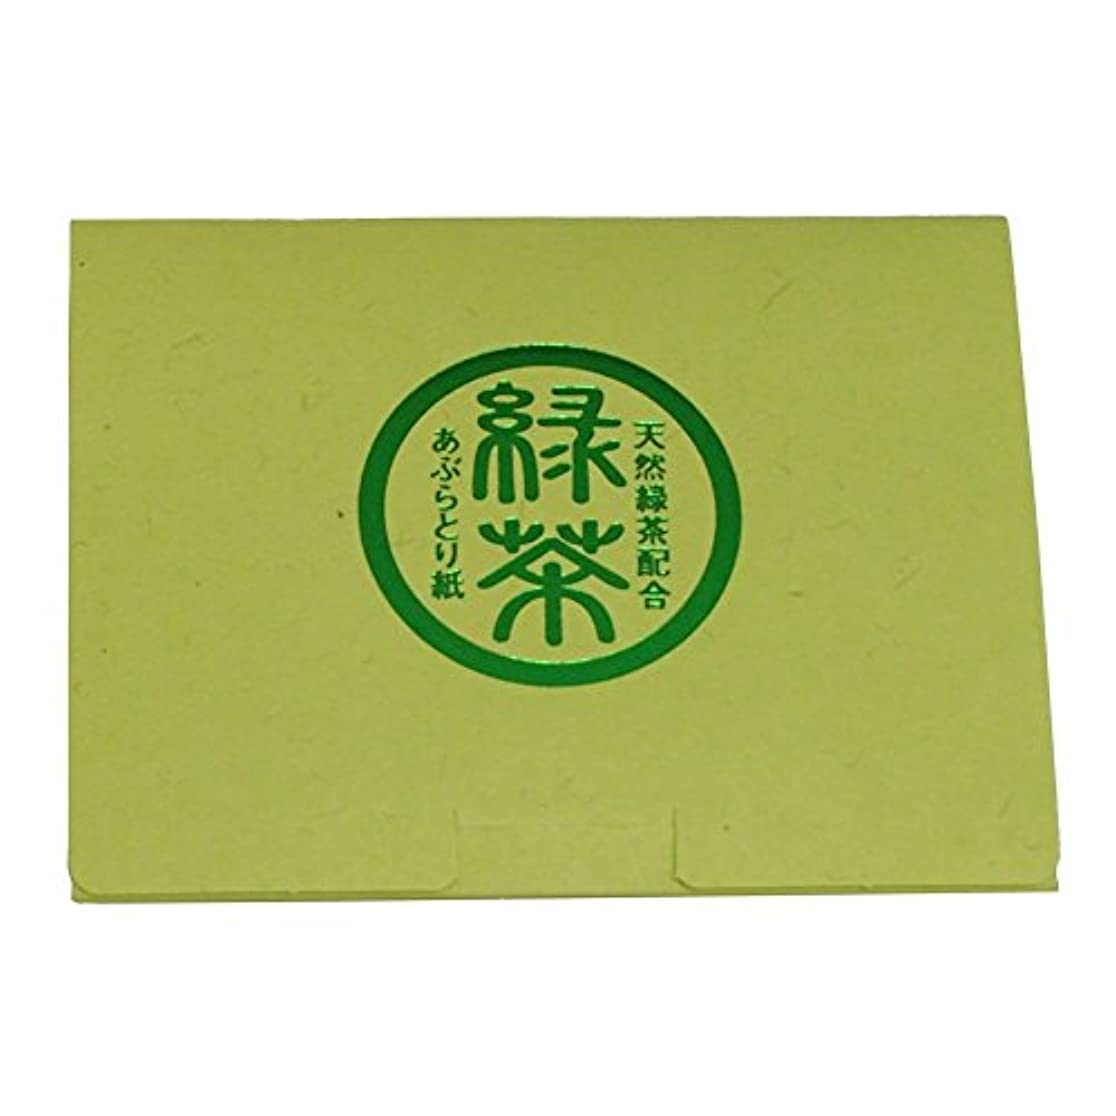 学習者介入する人里離れた米長 天然緑茶配合 あぶらとり紙 高級 日本製 100枚入り